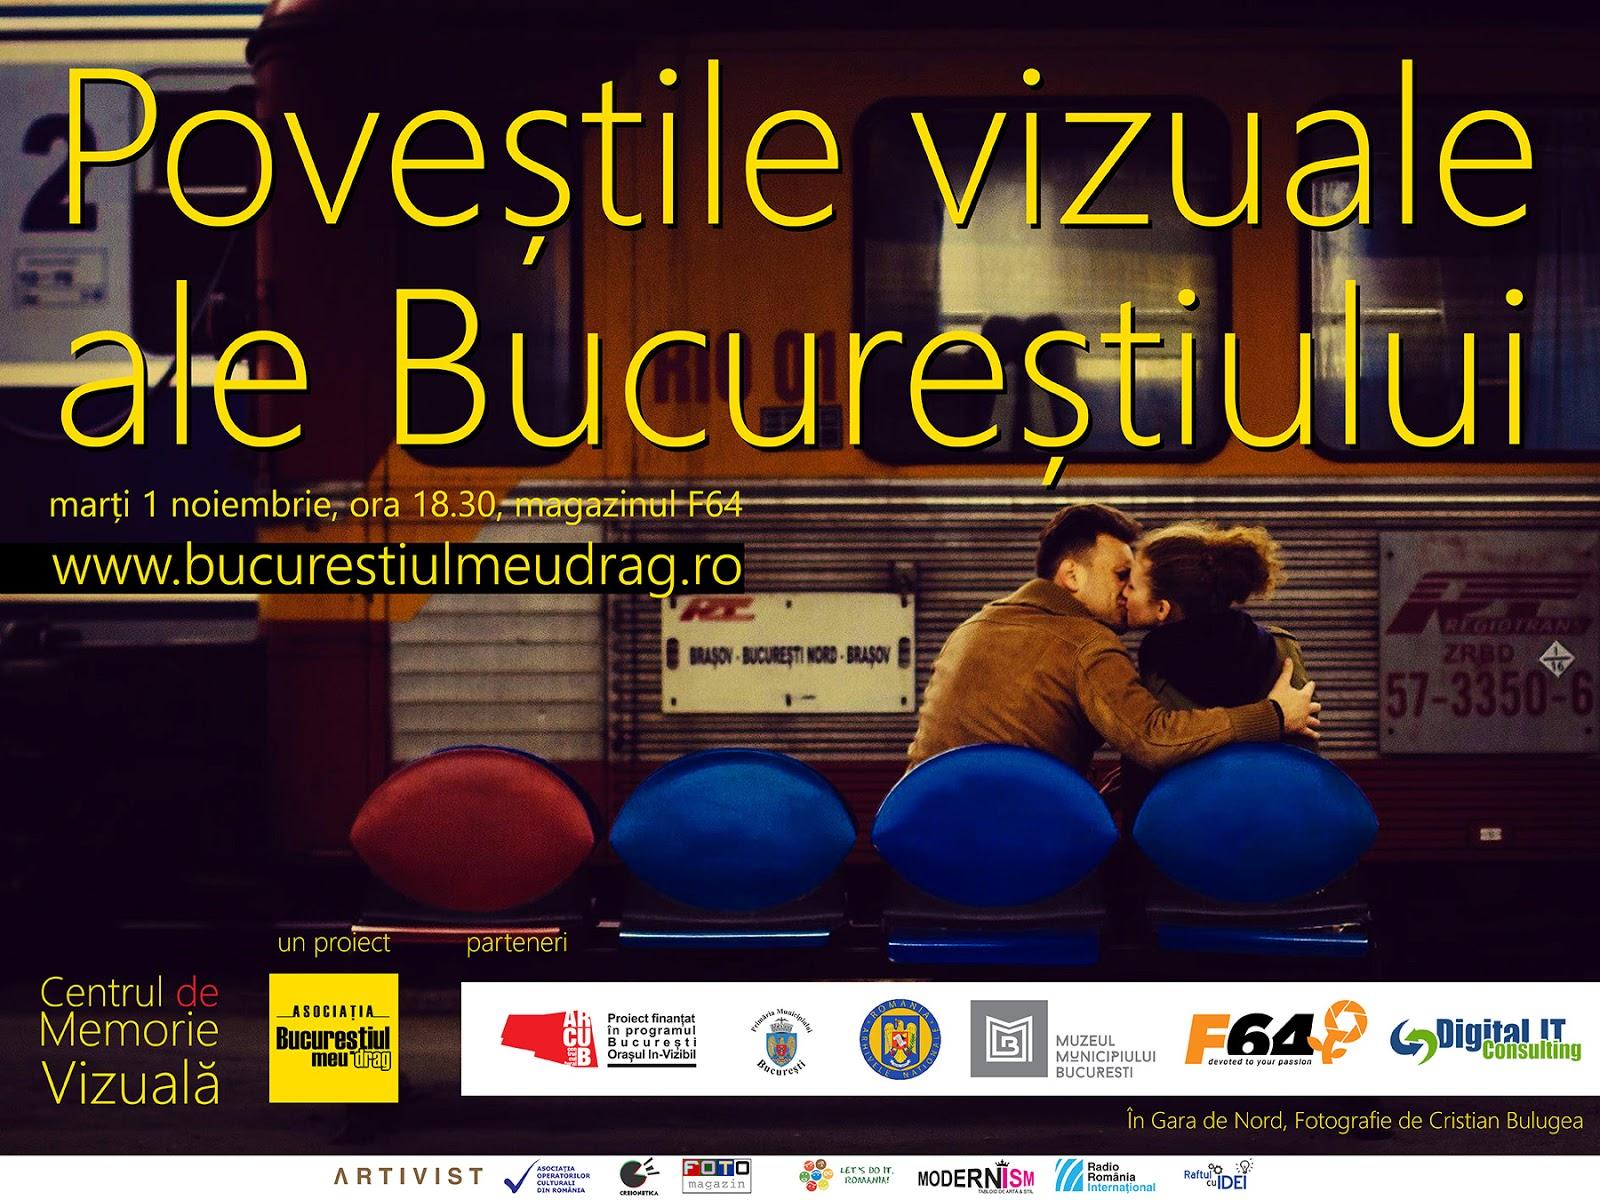 povestile, vizuale, ale, bucurestiului, 1 noiembrie, F64, cel mai mare magazin, foto, video, bucurestiul meu drag, bucuresti, fotografie, eveniment, fotografie de oras, articol, cele mai cunoscute blogguri, turism in romania, turism, oras, capitala, clienti, blog, arcub